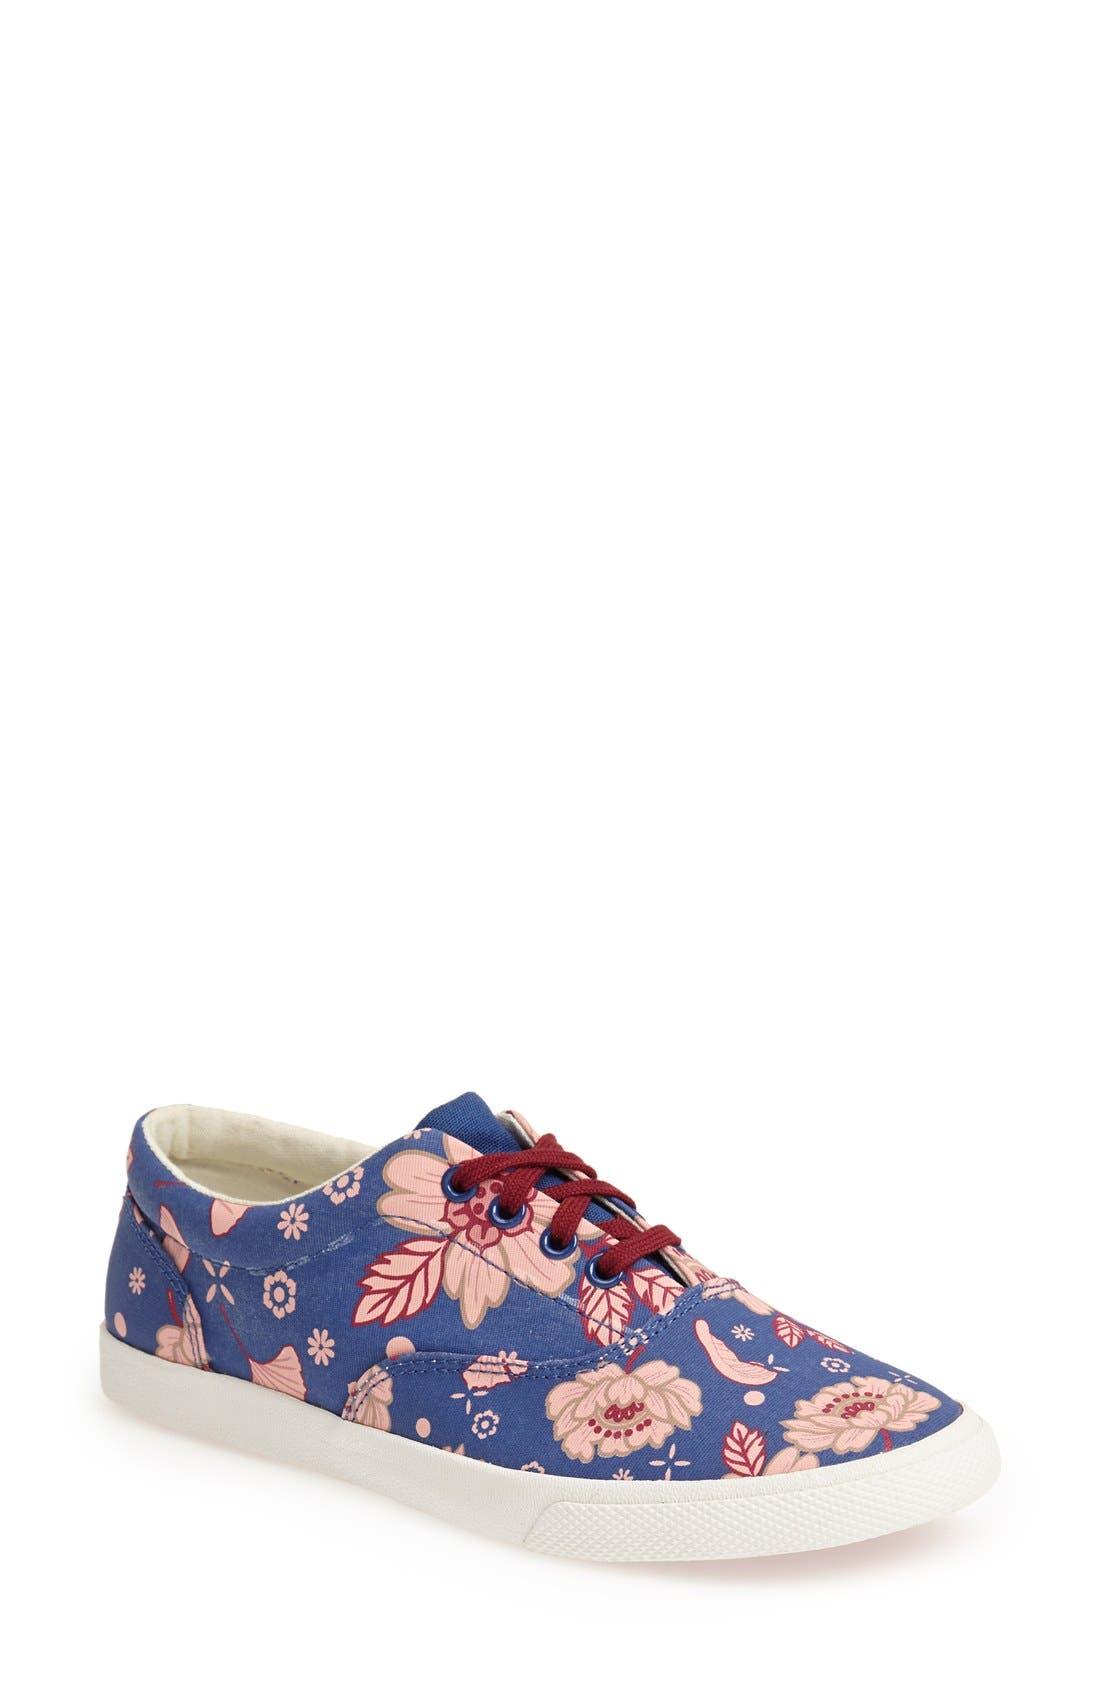 Main Image - BucketFeet 'Blue East' Print Sneaker (Women)